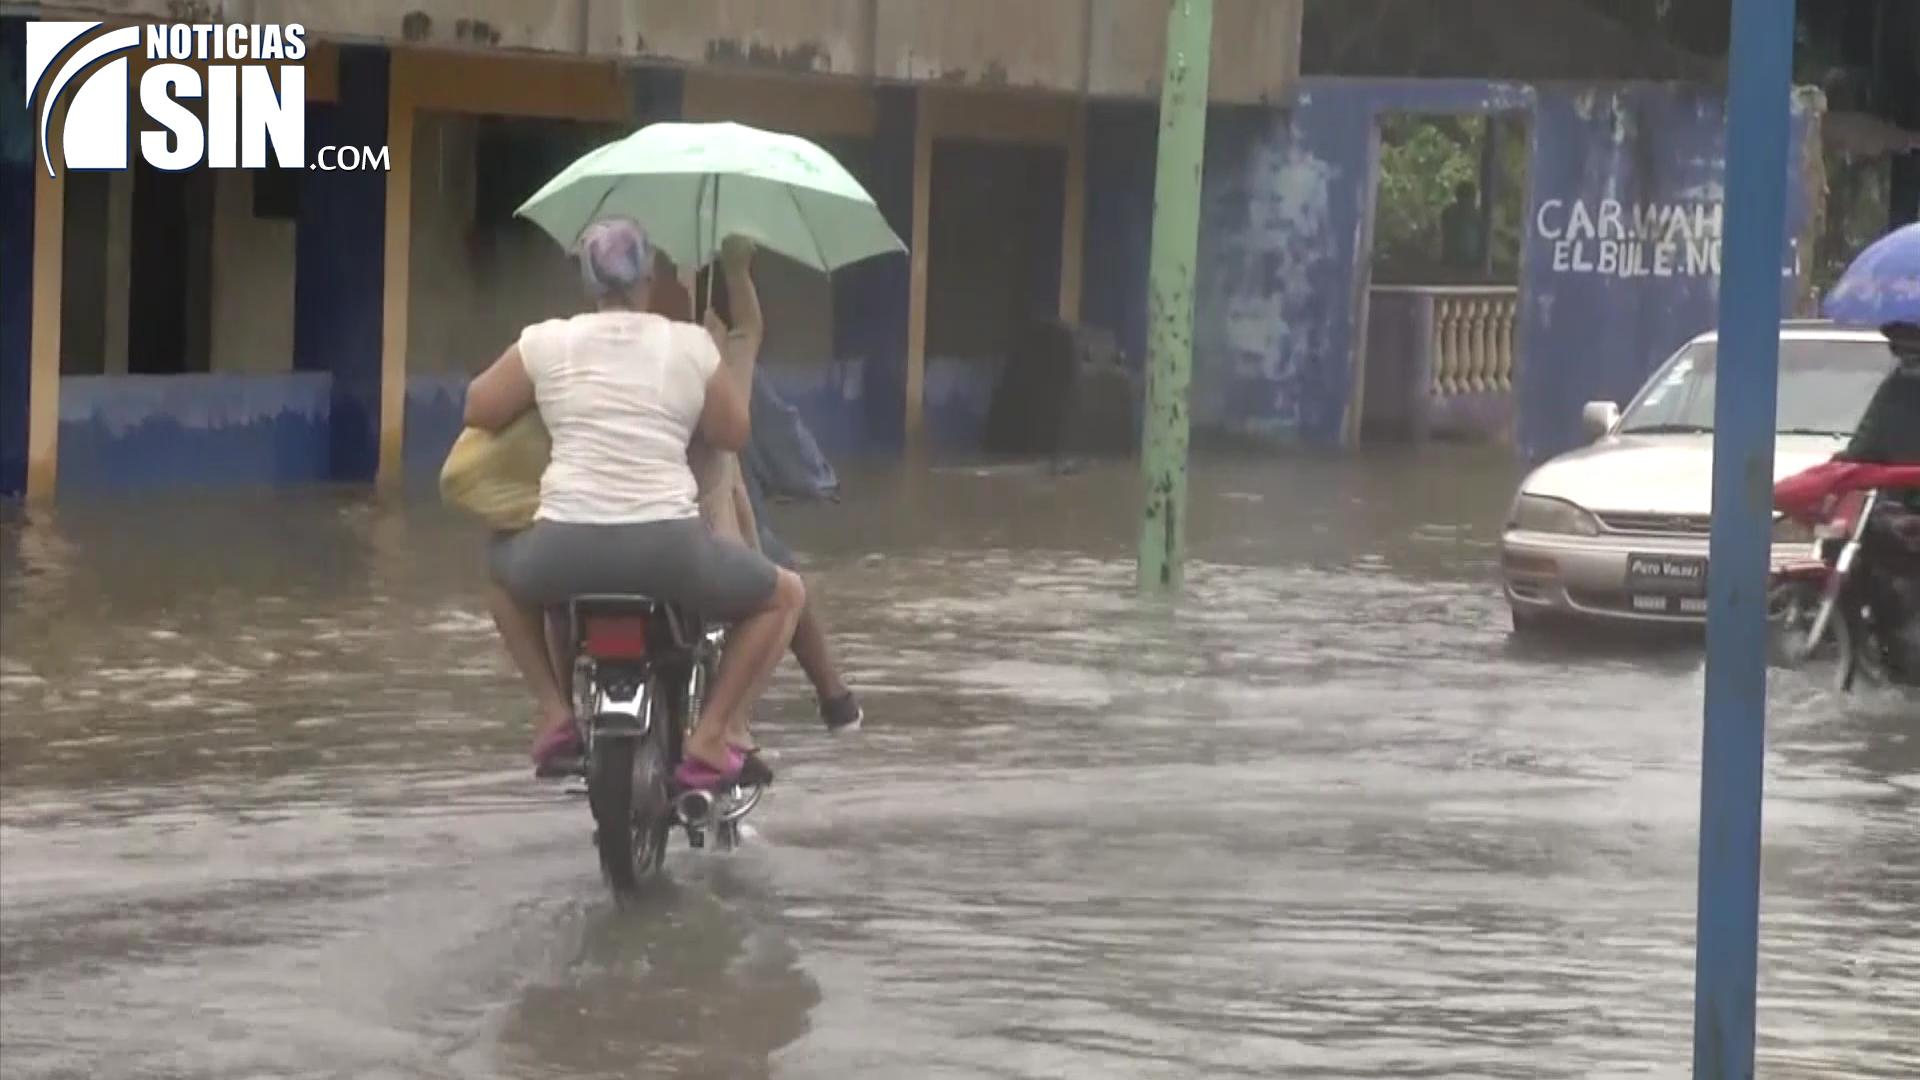 COE emite alerta verde para cinco provincias por posibles inundaciones y deslizamientos de tierra